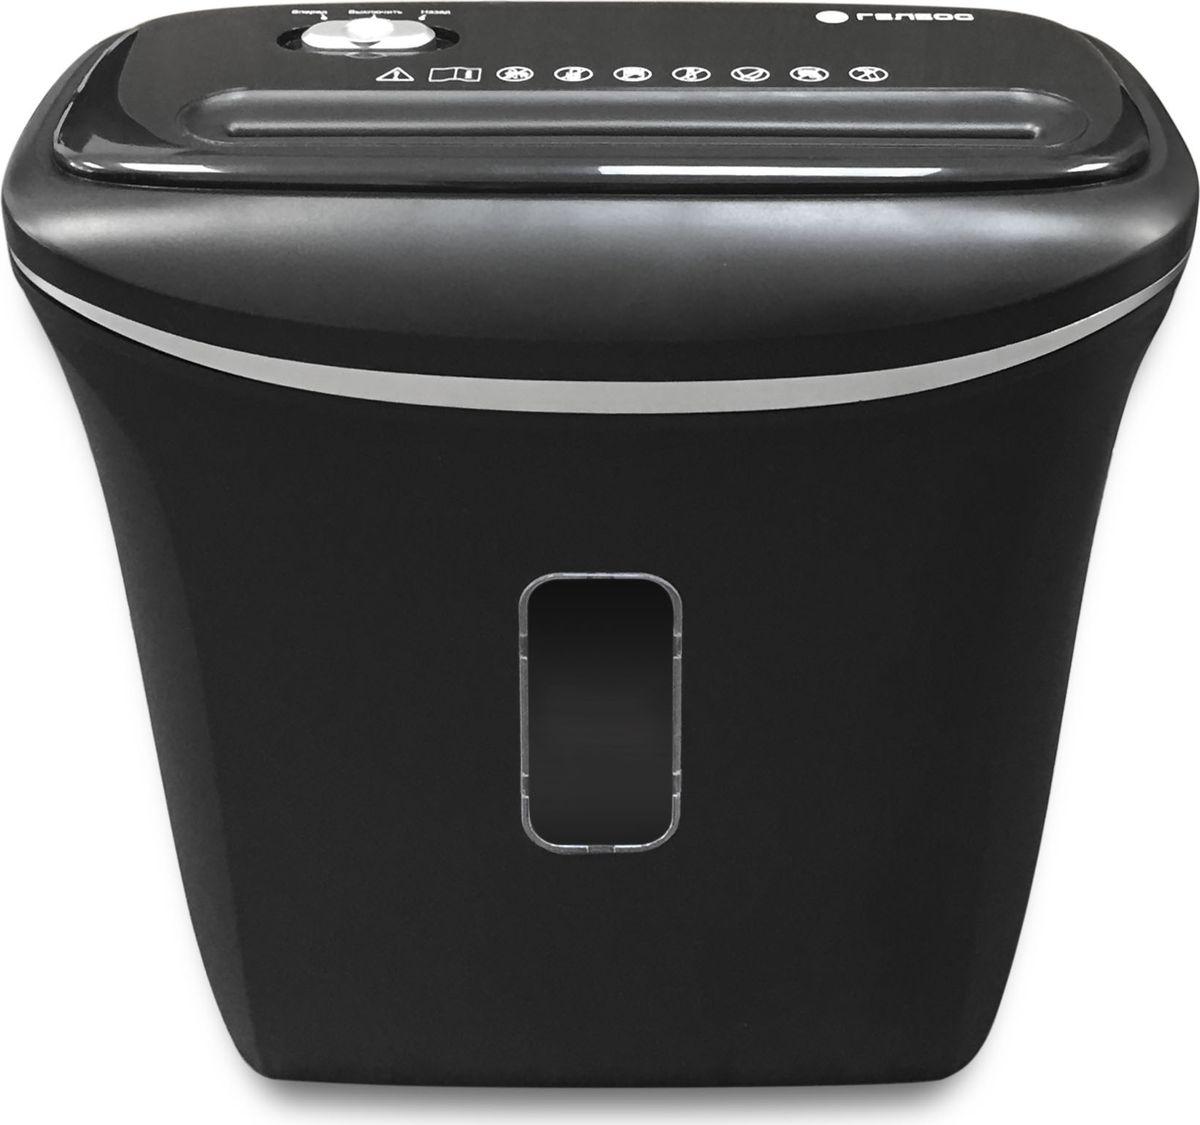 Гелеос УД14-4, Black шредер